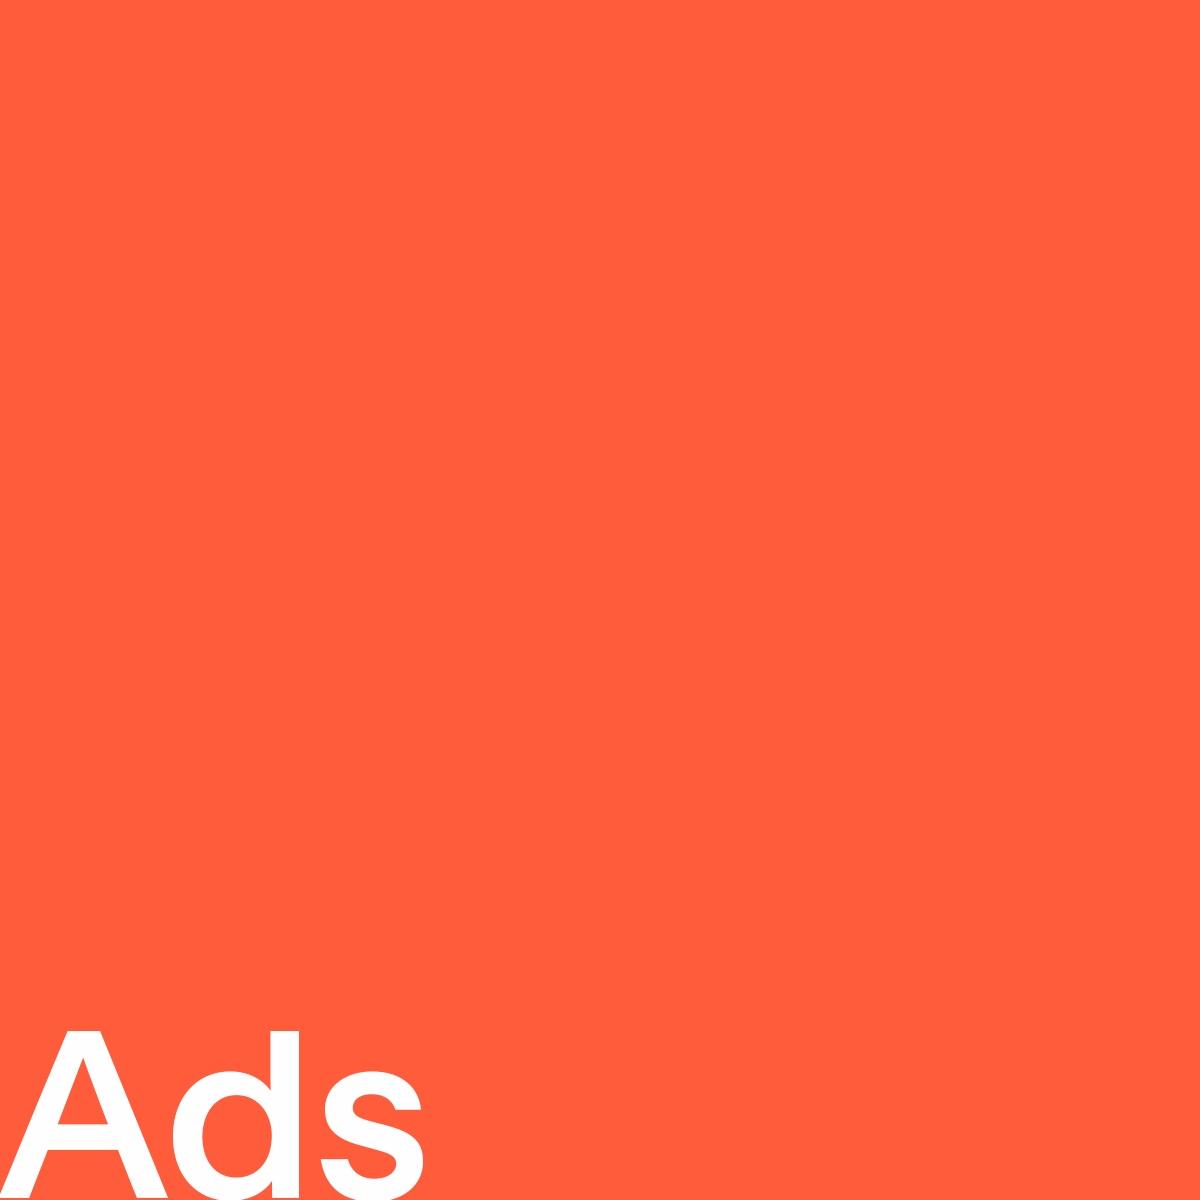 ads-red.jpg